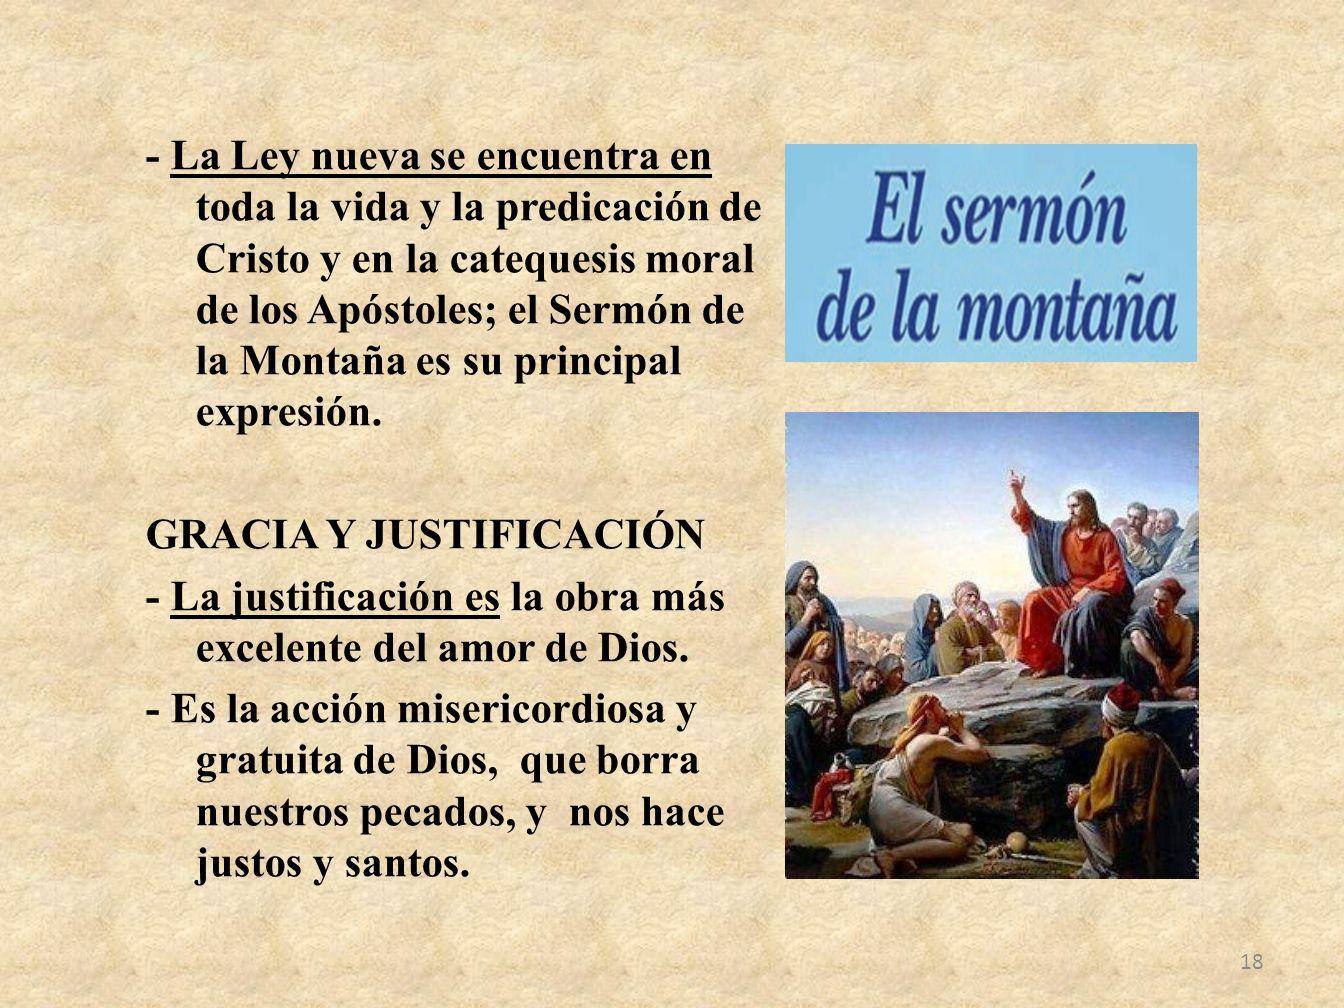 - La Ley nueva se encuentra en toda la vida y la predicación de Cristo y en la catequesis moral de los Apóstoles; el Sermón de la Montaña es su principal expresión.